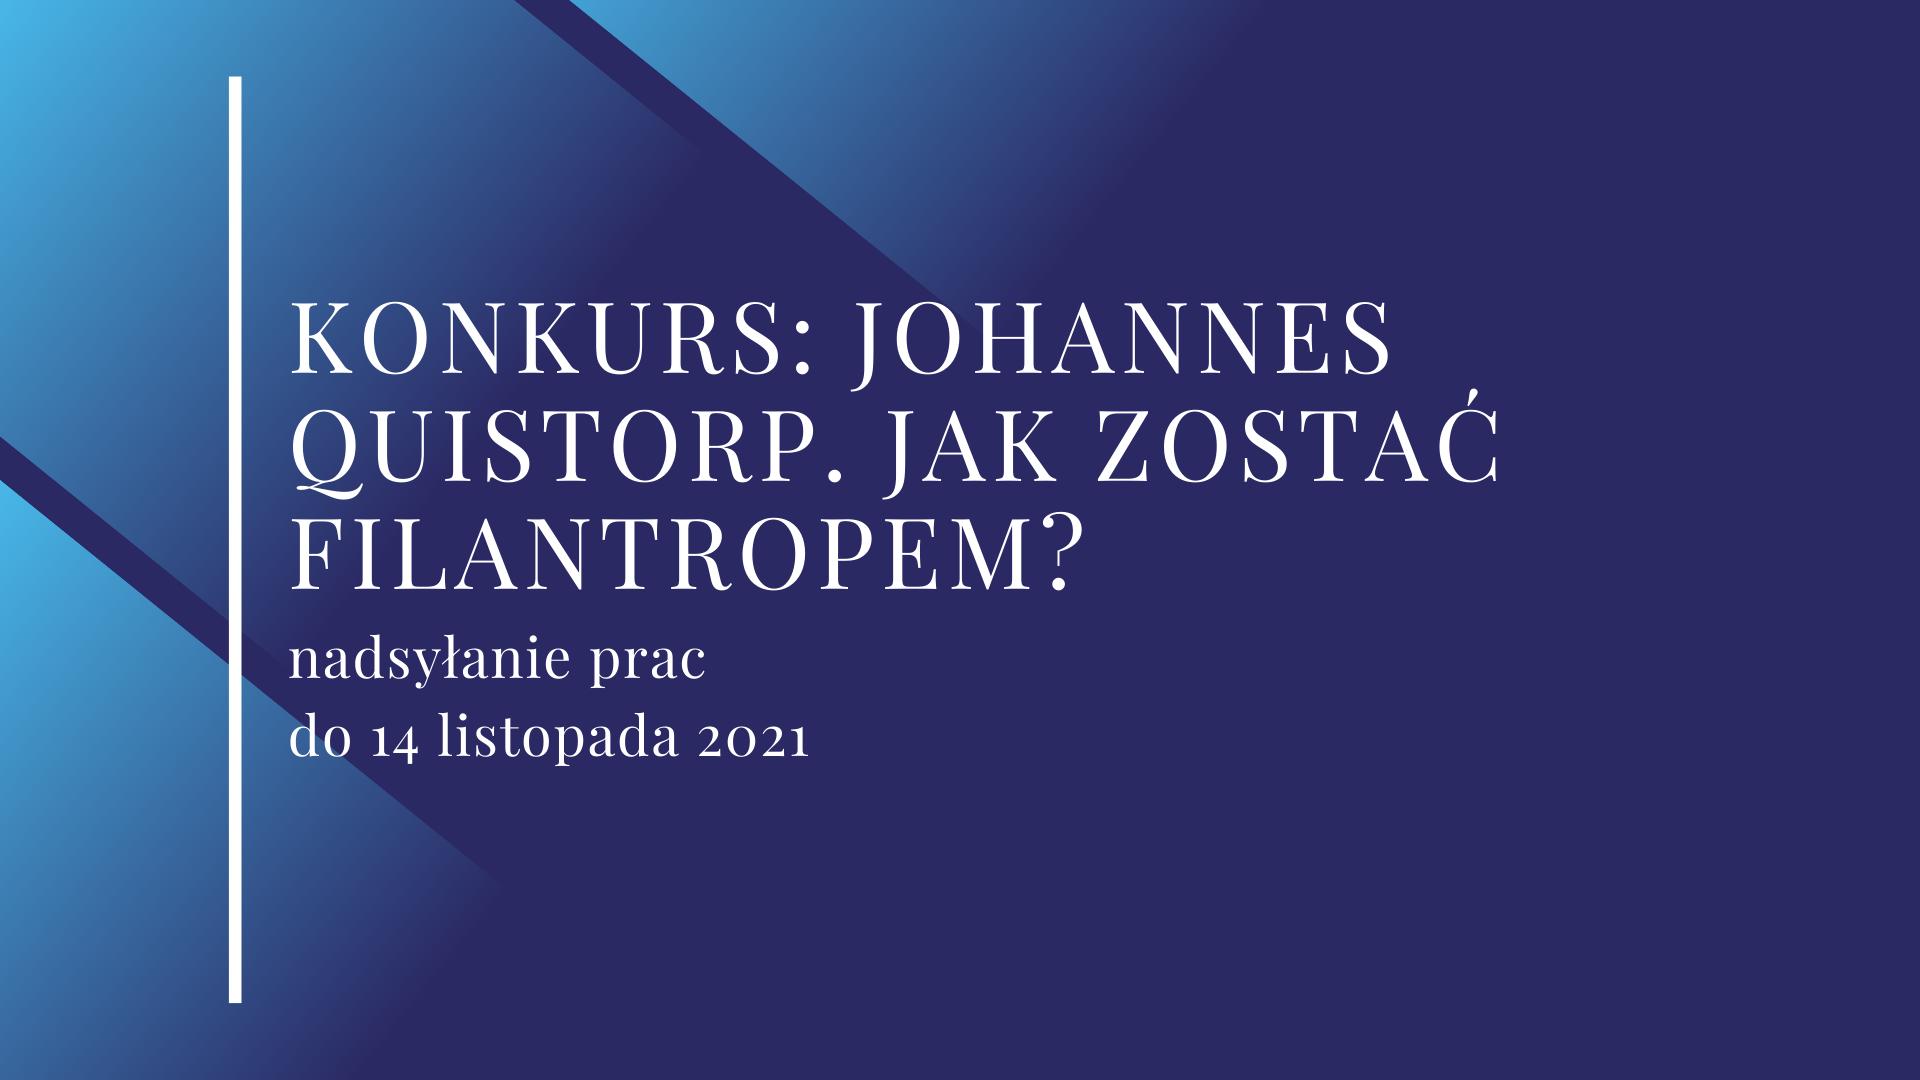 Na granatowym tle znajduje się biały napis Konkurs: Johannes Quistorp. Jak zostać filantropem? Nadsyłanie prac do 14 listopada 2021